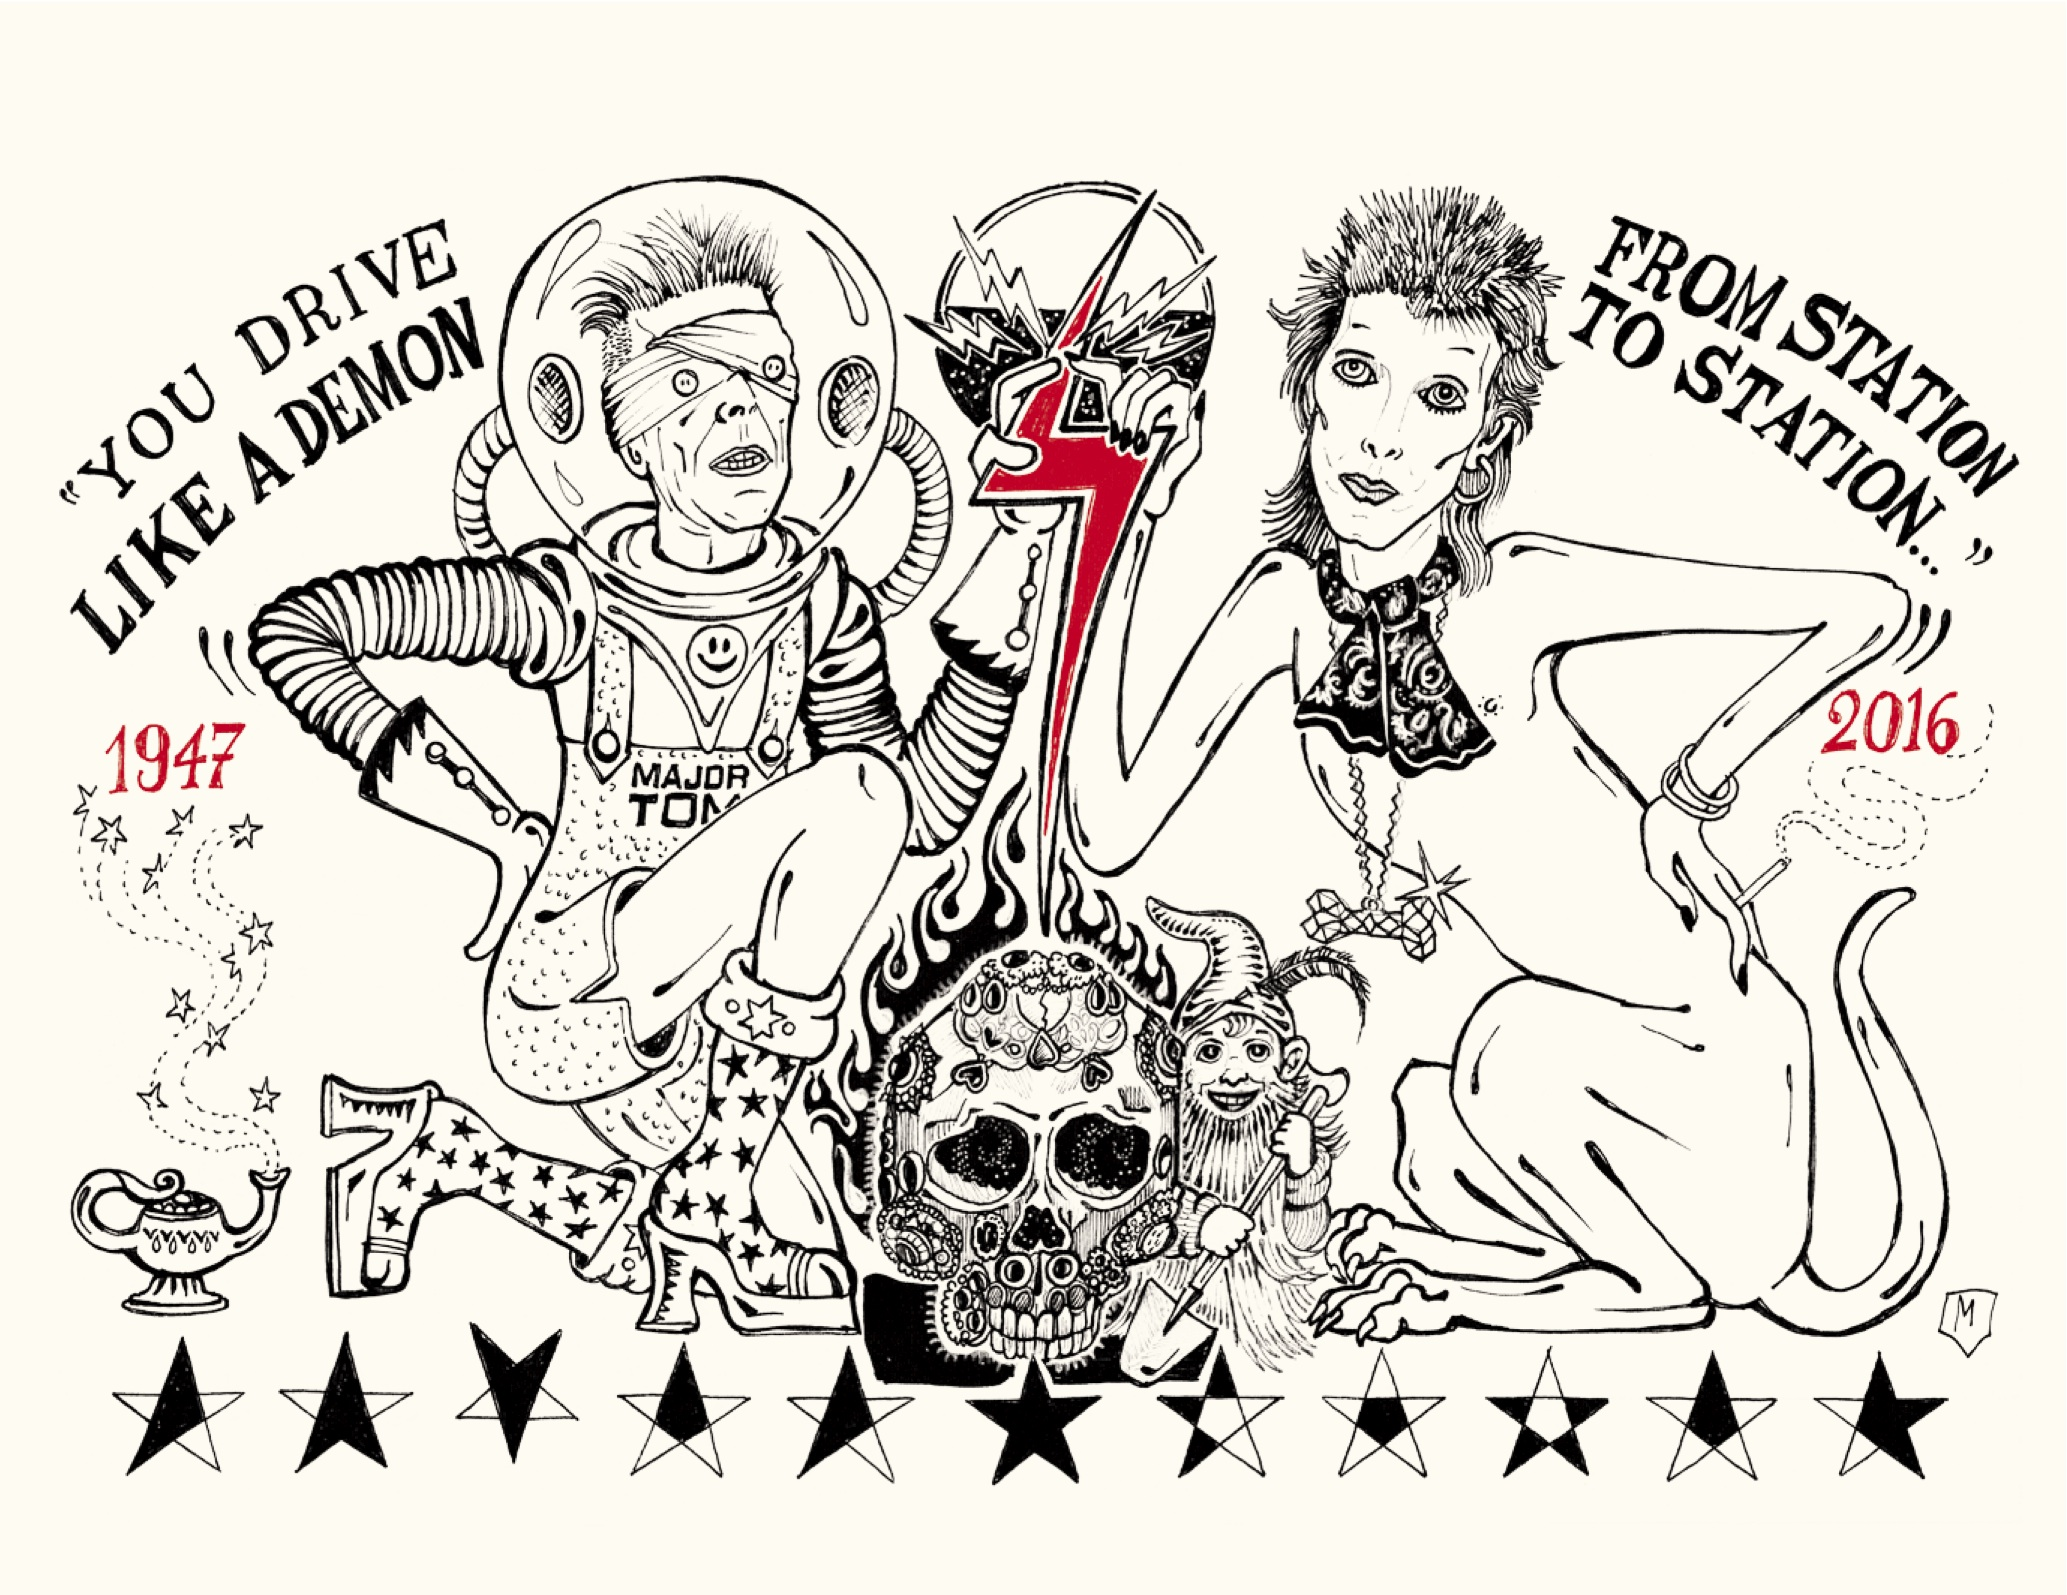 David Bowie Play Book, 24 ORE Cultura disegni di Matteo Guarnaccia